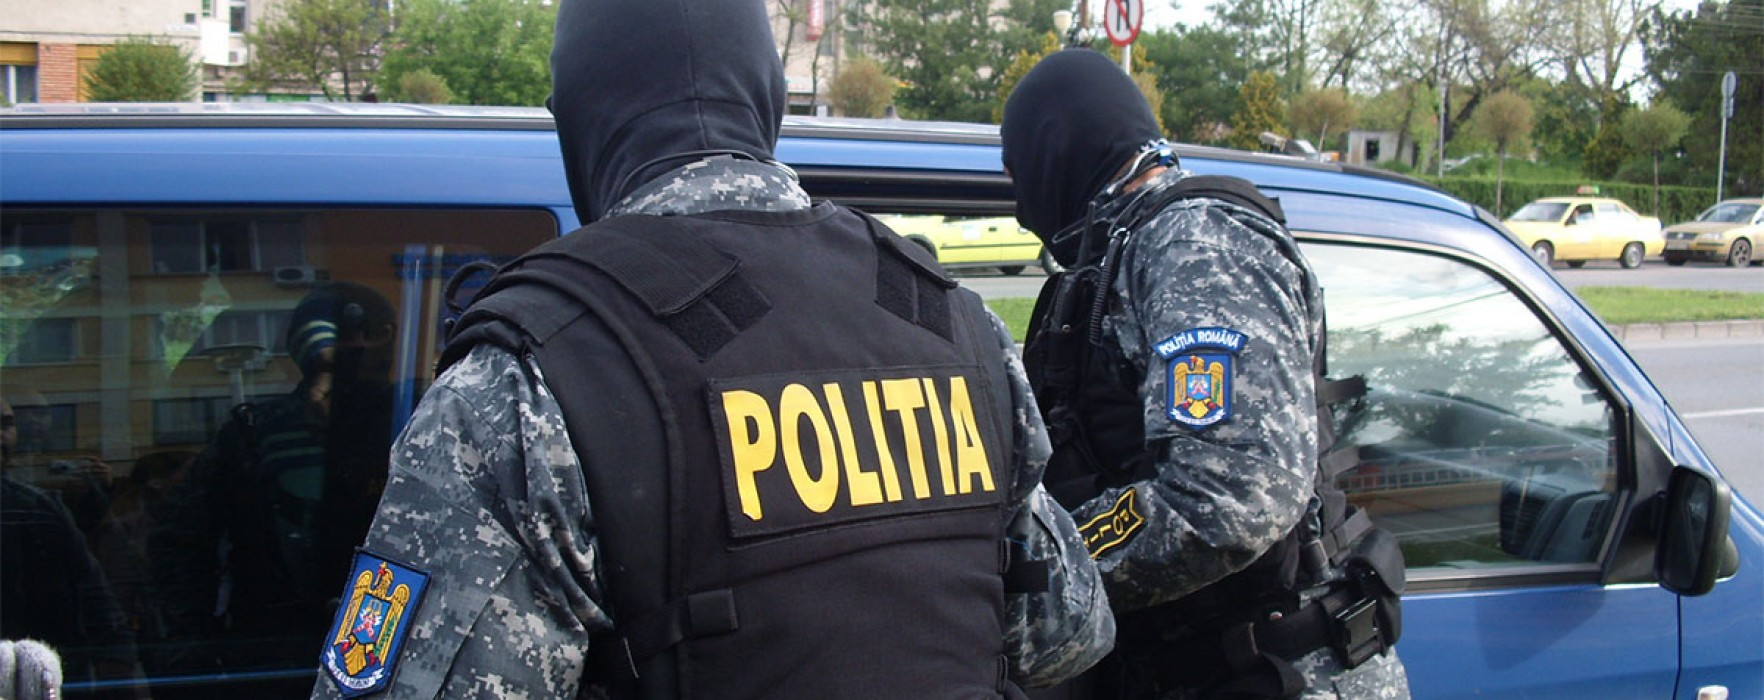 Dâmboviţa: Grupare specializată în trafic de droguri, destructurată de poliţişti (VIDEO)